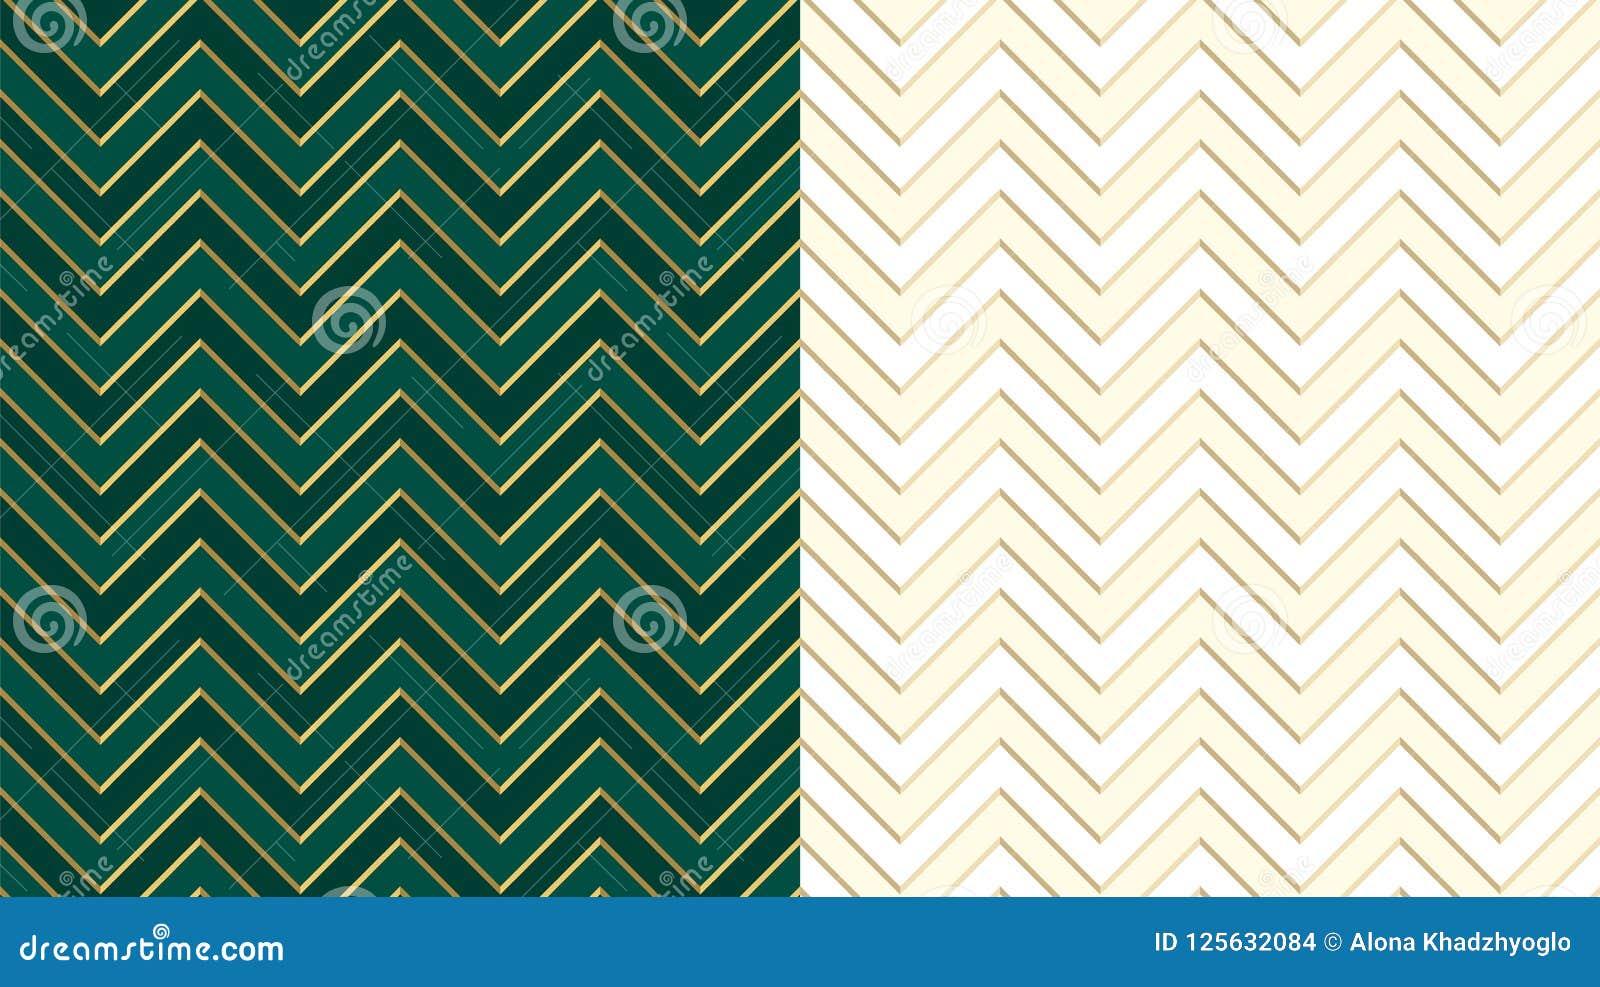 Dunkelgrünes nahtloses Smaragdmuster Chevron-Zickzacks mit goldenen Linien Netter Elfenbeinhintergrund im hellen Halbton